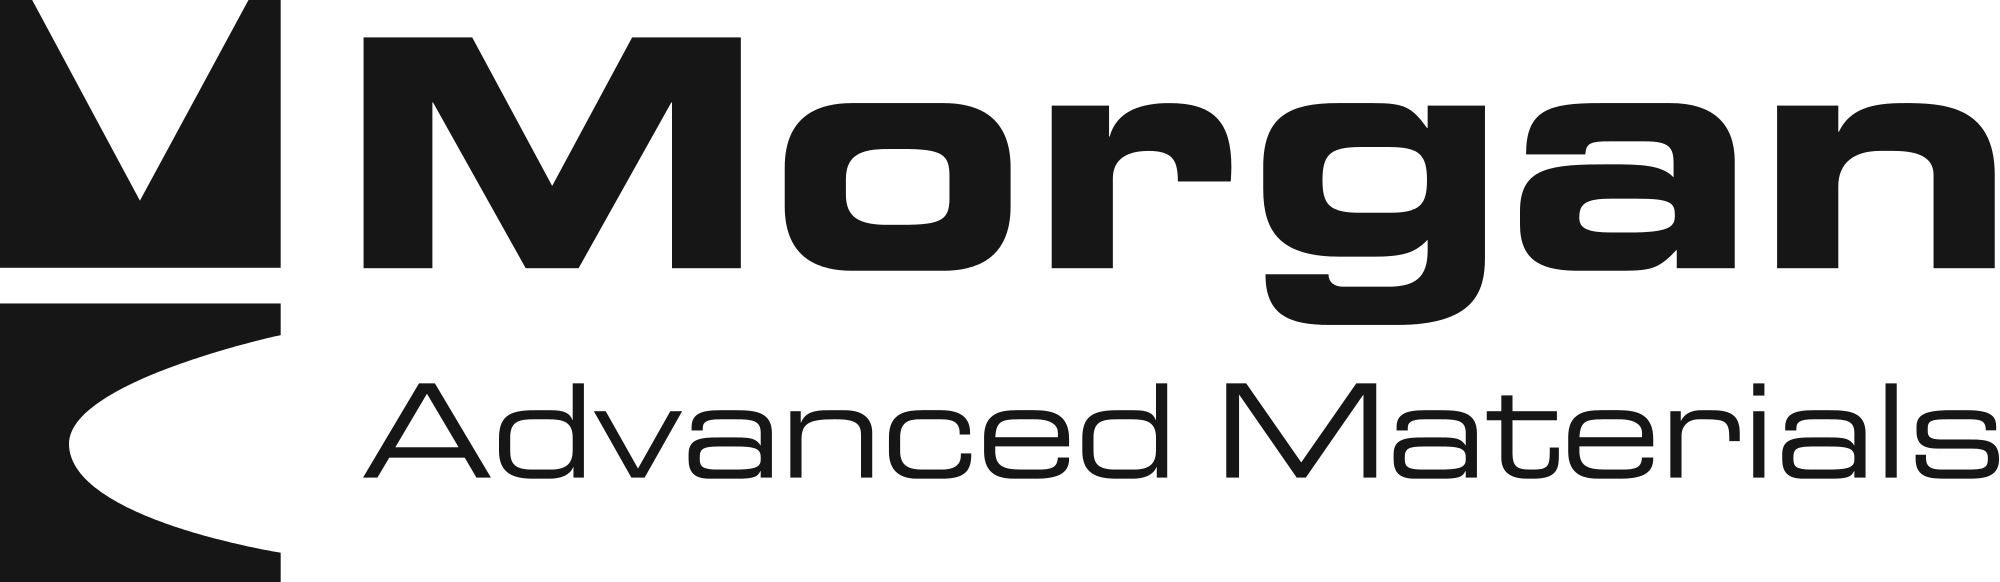 Morgan Advanced Materials - Molten Metal Systems